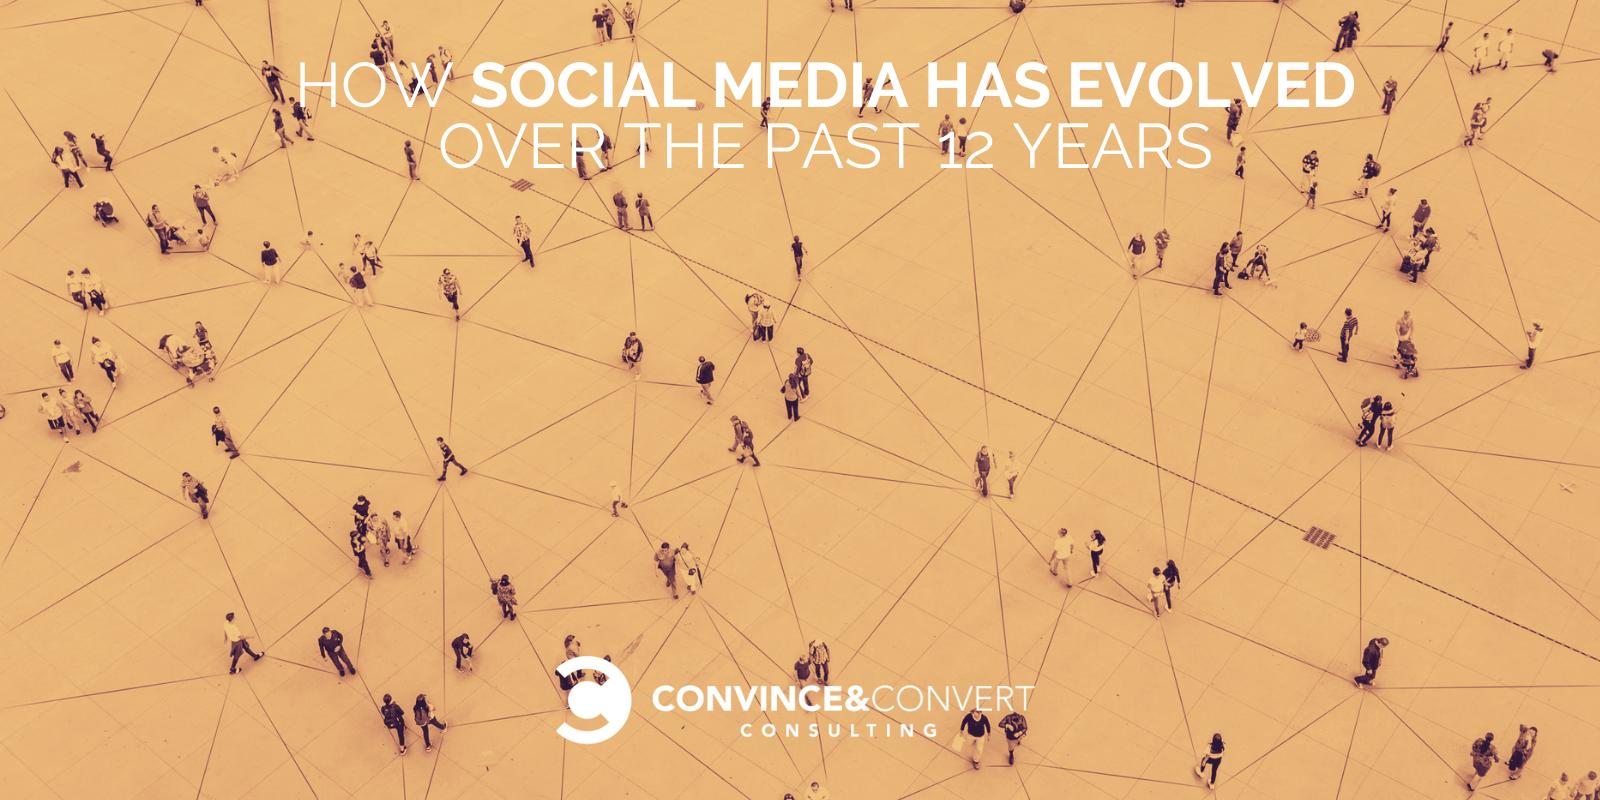 How Social Media Has Evolved